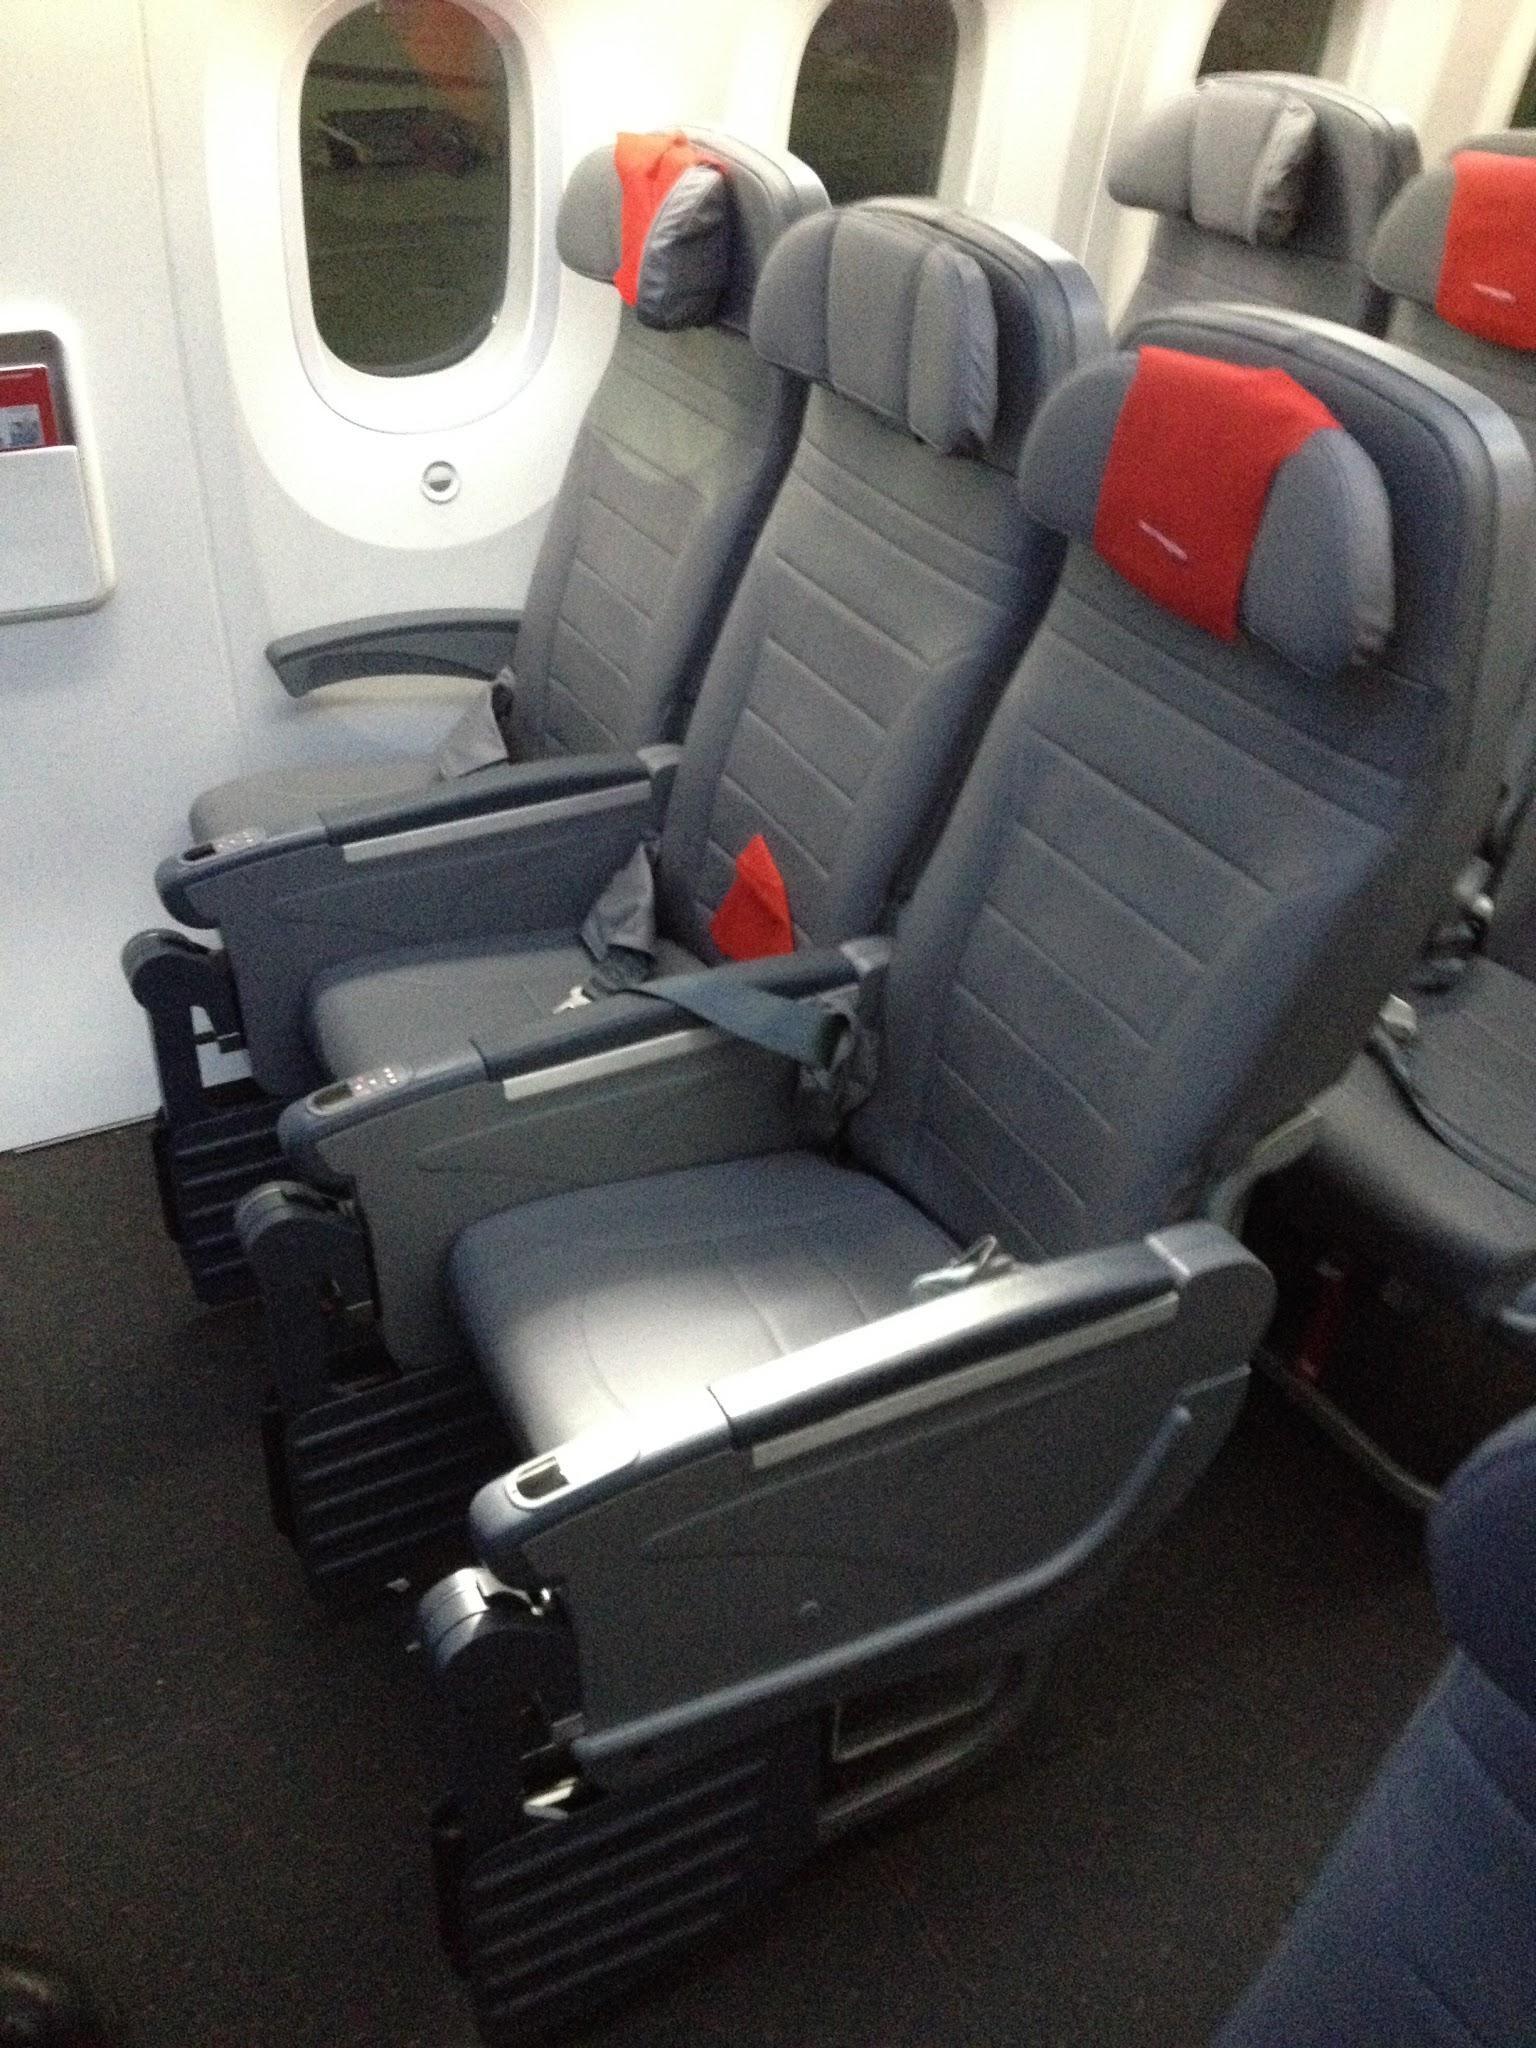 boeing 787 seating